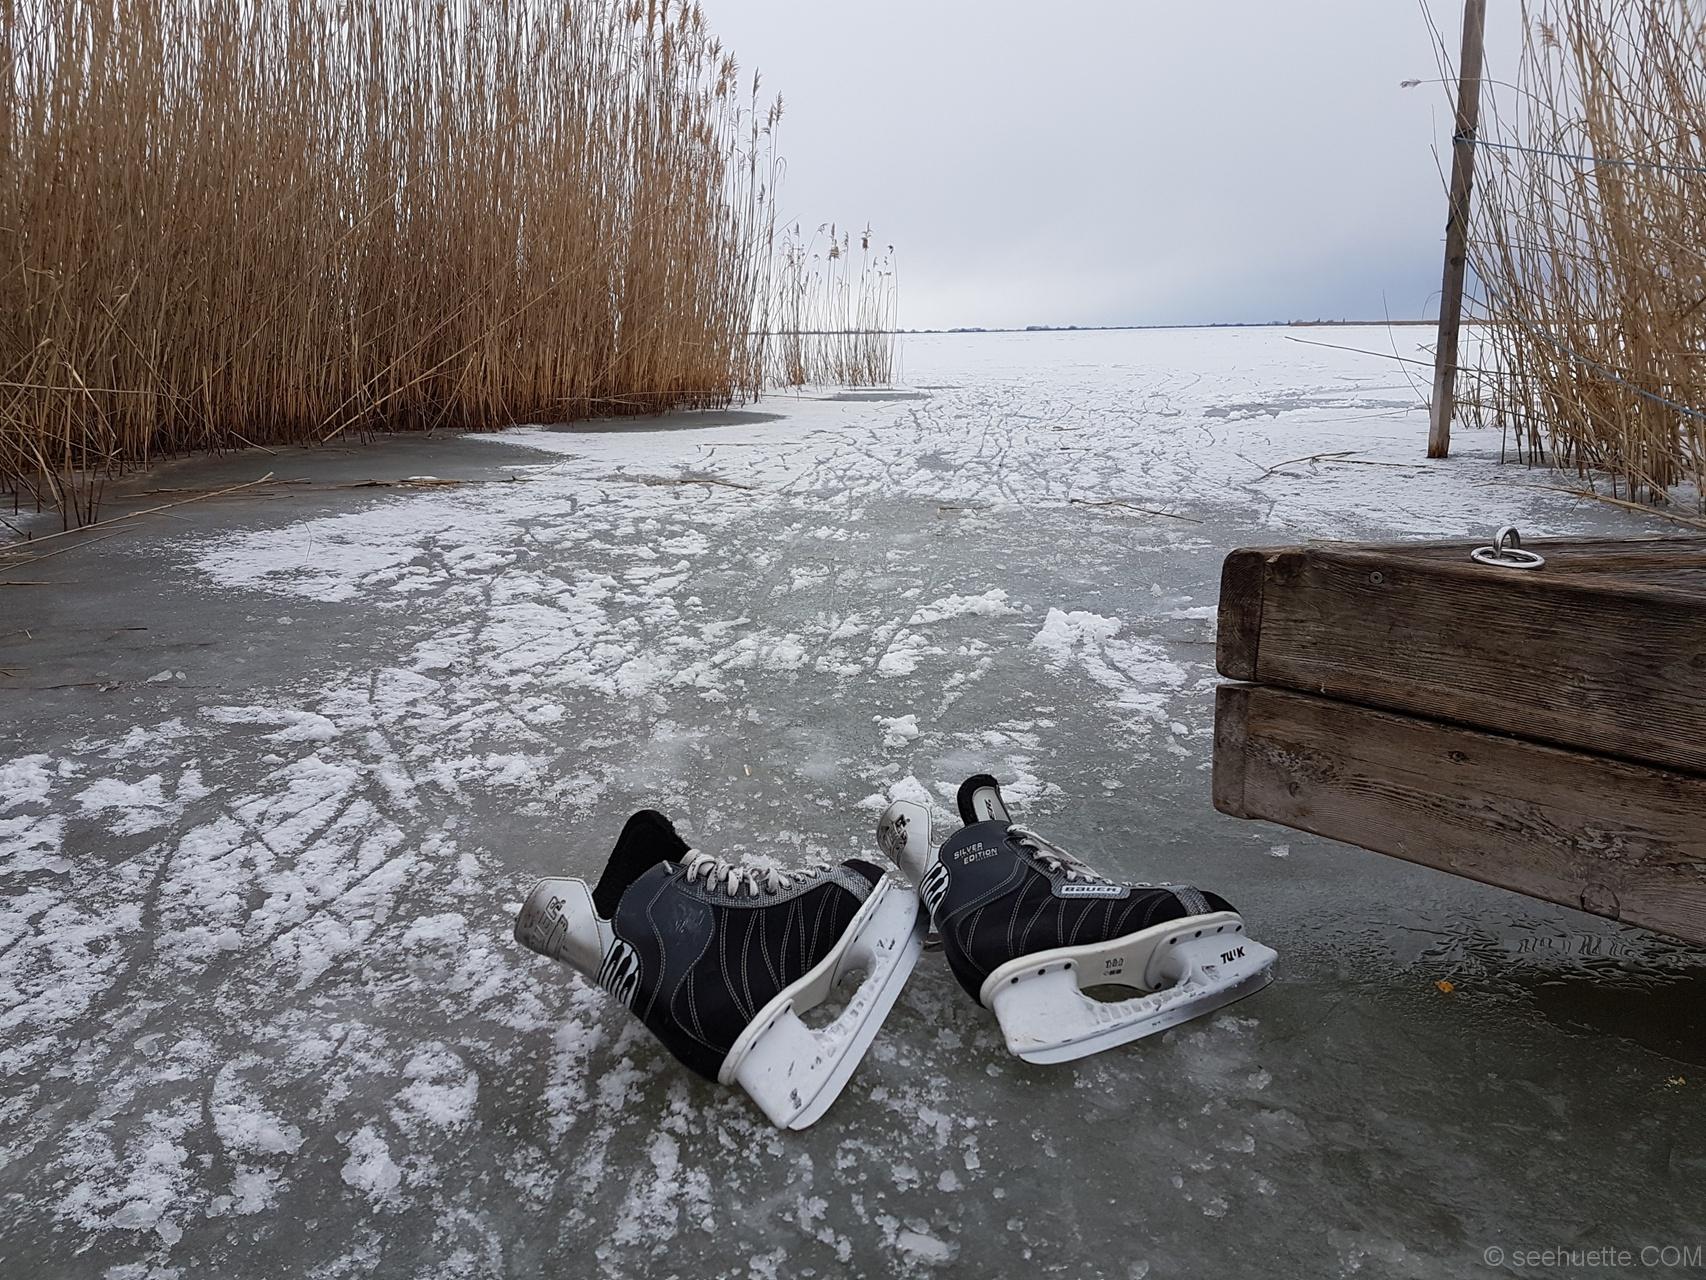 Rust neusiedlersee winter  Impressionen von Seehütten in Rust am Neusiedler See | Seehütte ...